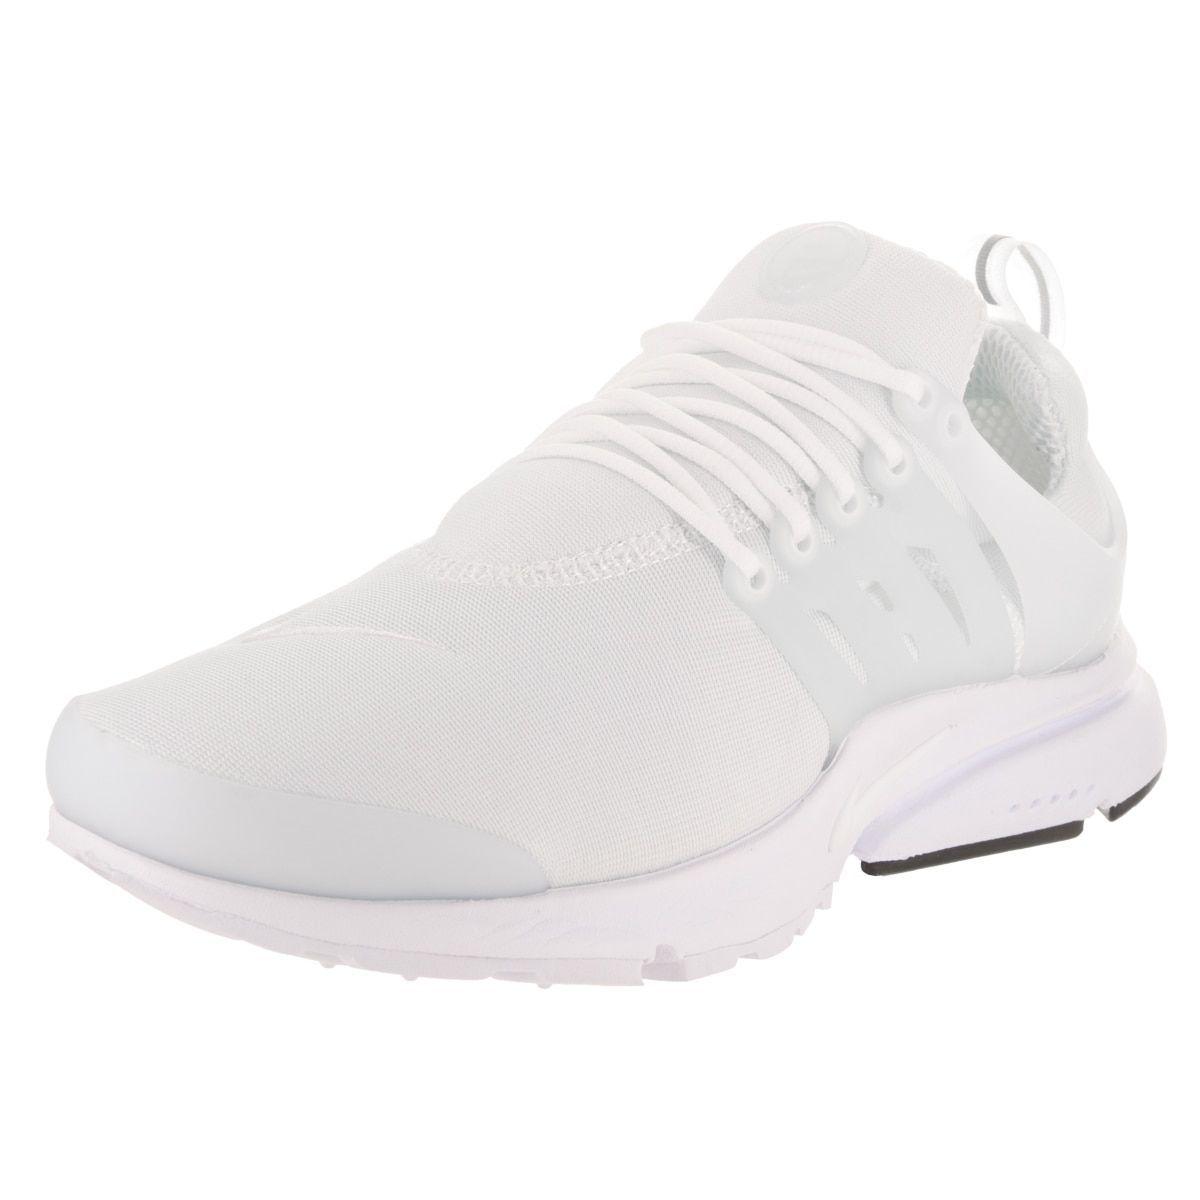 Nike Corrientes Hombres Air Presto Zapatos Corrientes Nike Esenciales De Cuero Sintetico ac0cdb